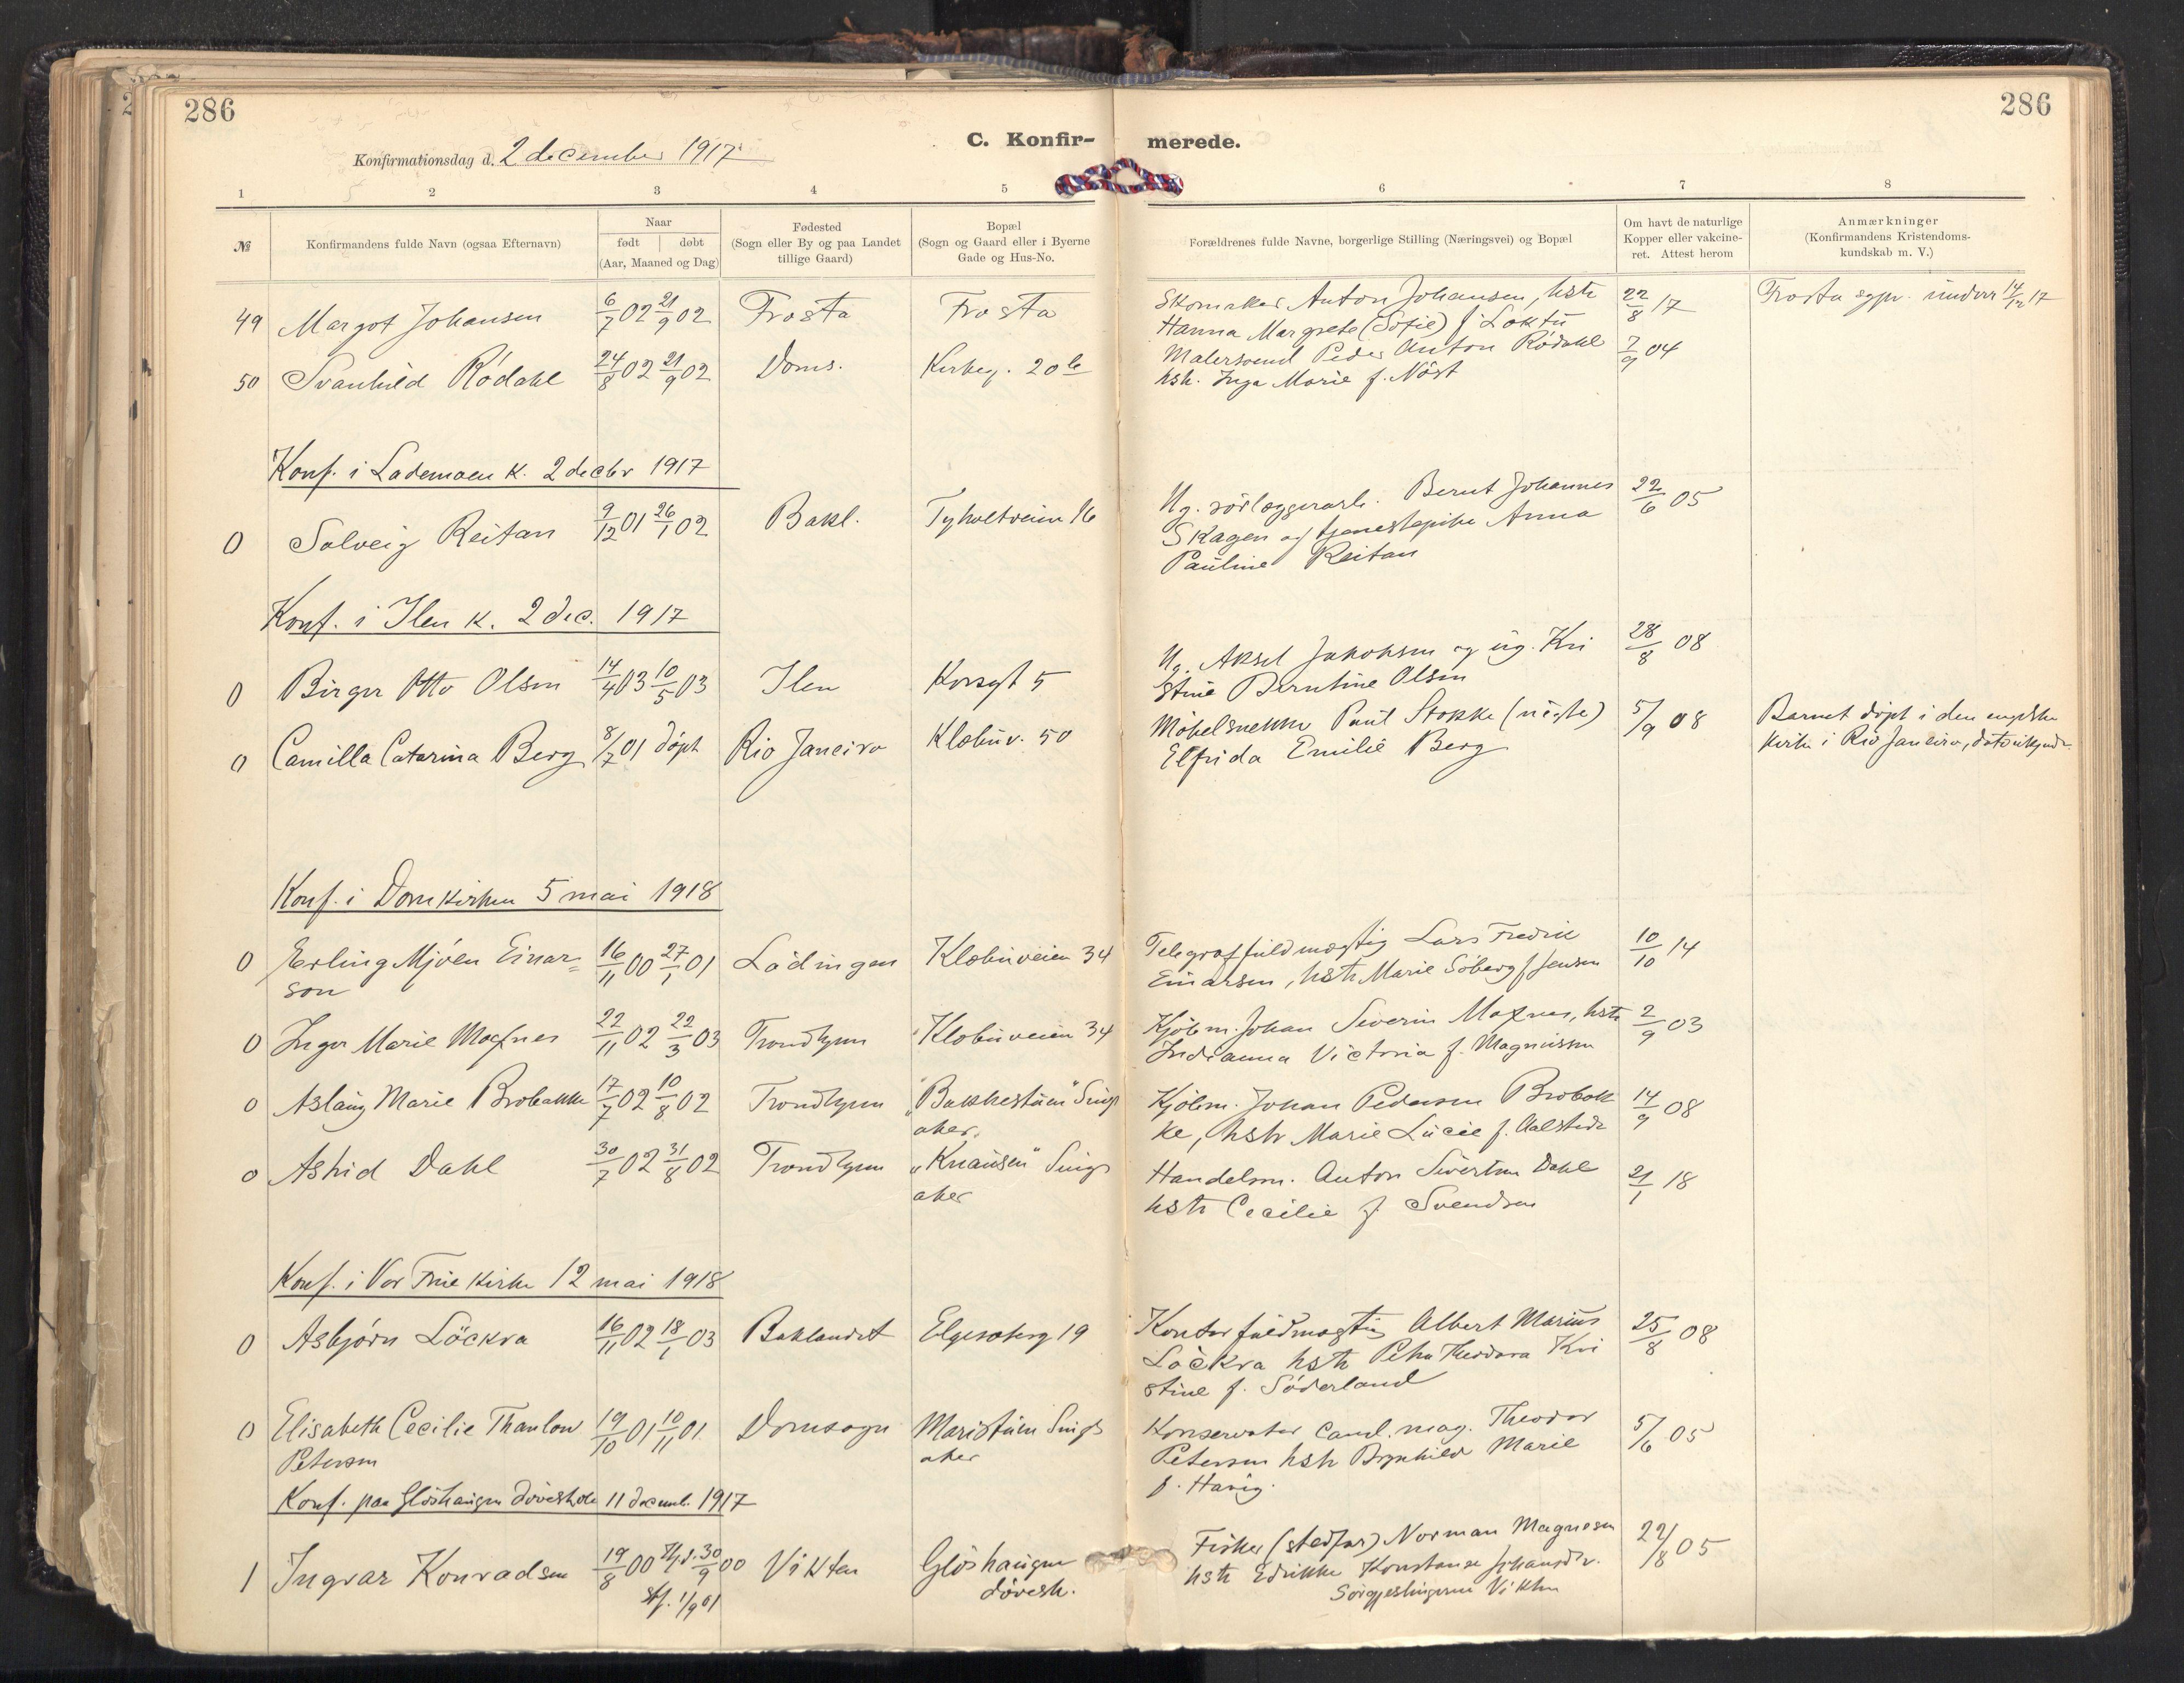 SAT, Ministerialprotokoller, klokkerbøker og fødselsregistre - Sør-Trøndelag, 604/L0205: Ministerialbok nr. 604A25, 1917-1932, s. 286